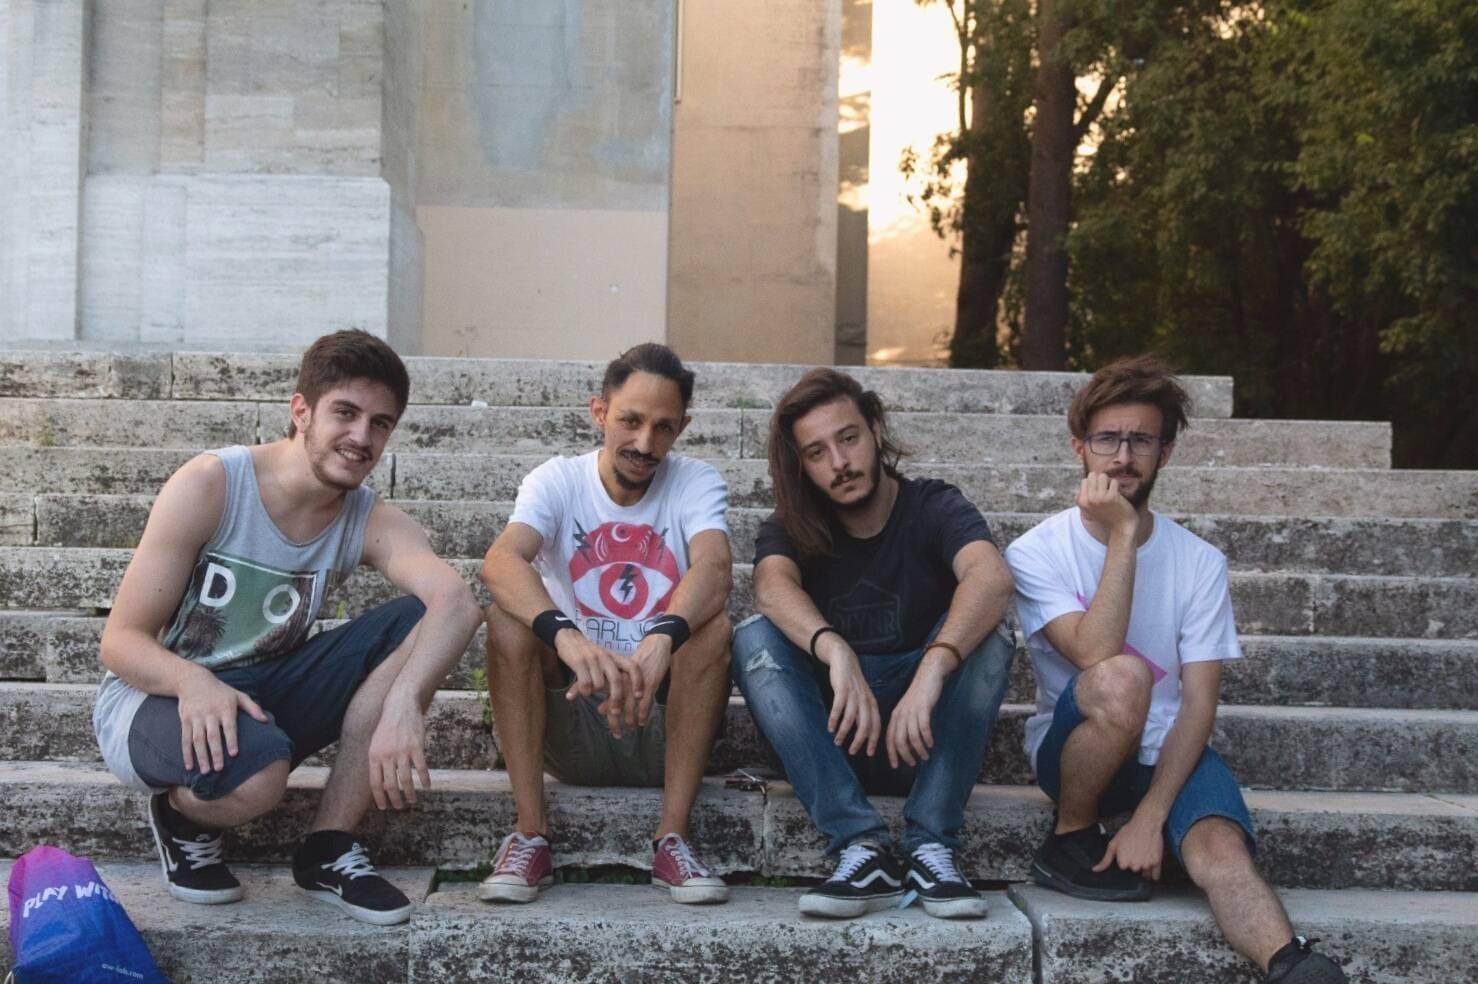 """""""NASCOSTO"""" arriva il 7 maggio su tutti gli store digitali, primo inedito della band emergente avezzanese NINETIES"""